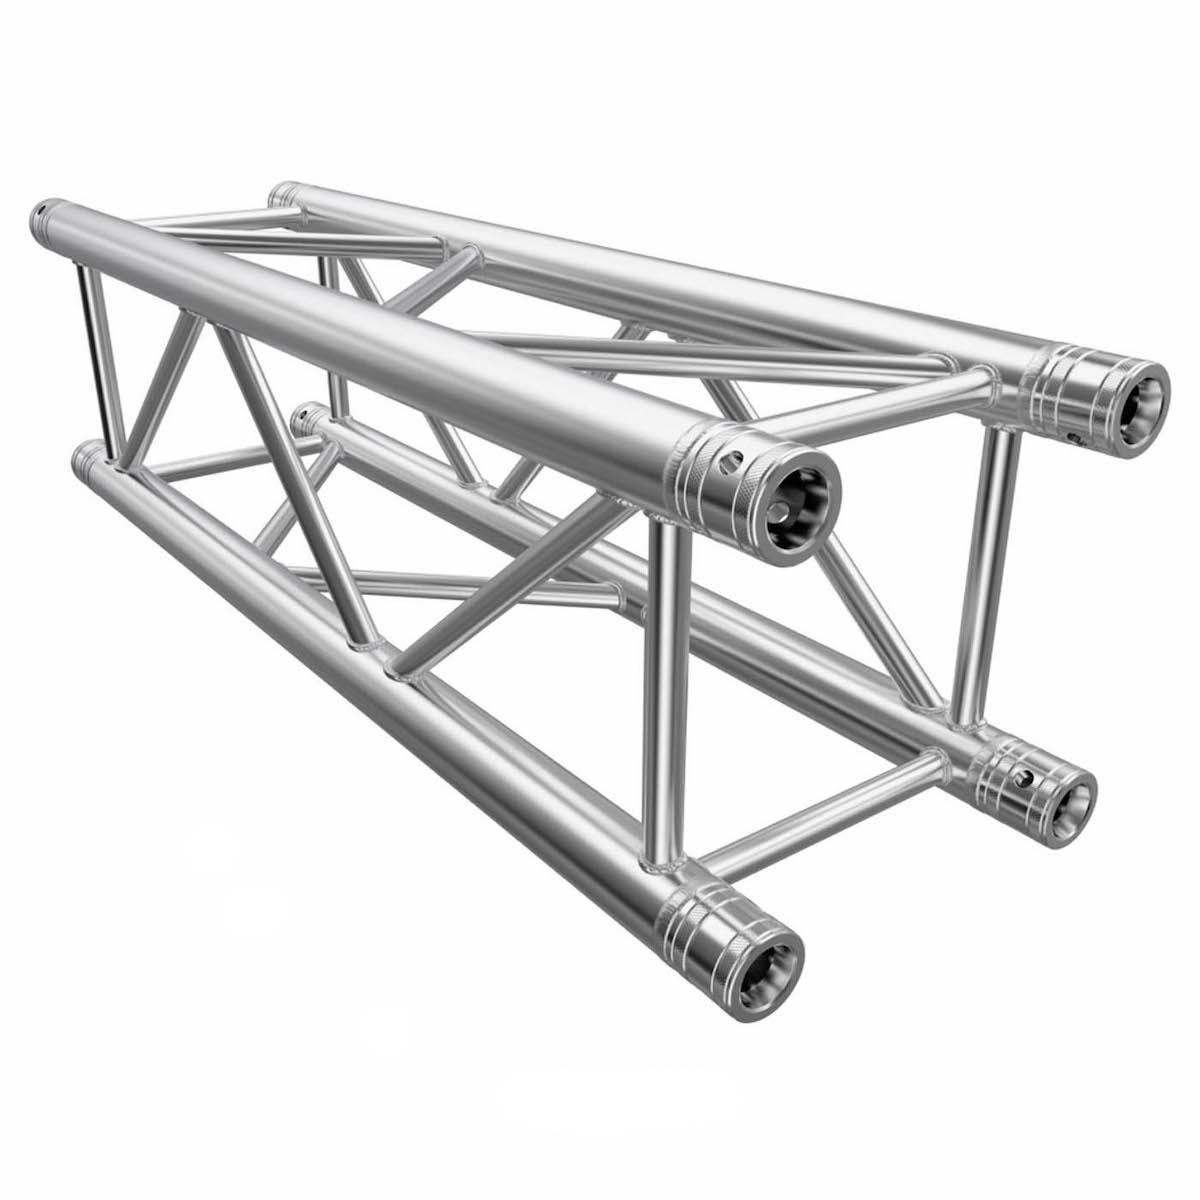 Klangfein Hannover - Dry-Hire | Rent | Veranstaltungstechnik | Lichttechnik | Bühnentechnik | Traversen | Truss | Global-Truss | F34-100cm | 1 Meter | Mieten | Buchen